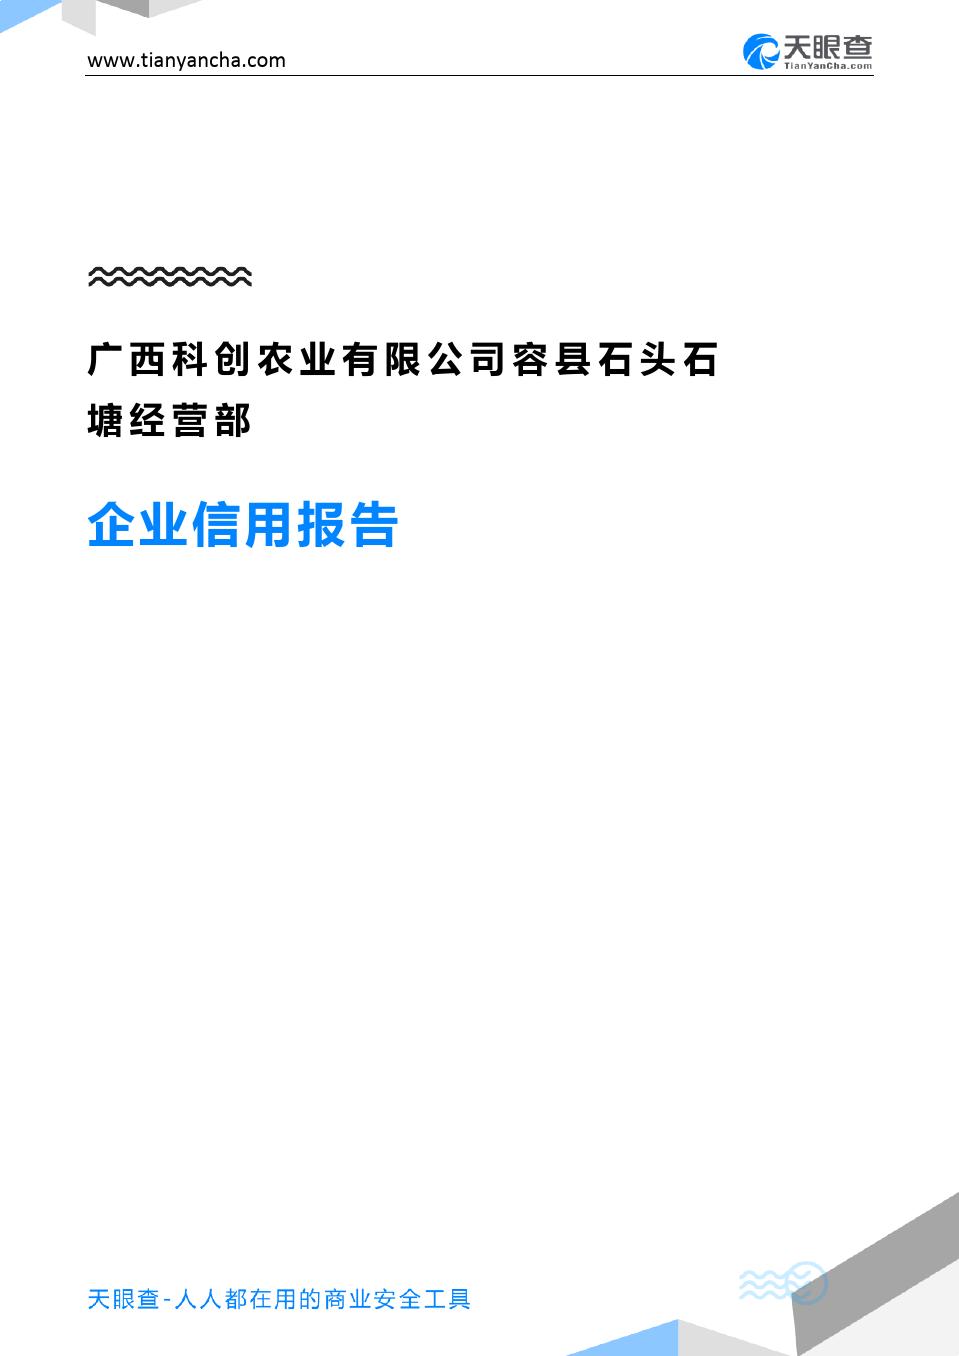 广西科创农业有限公司容县石头石塘经营部企业信用报告-天眼查